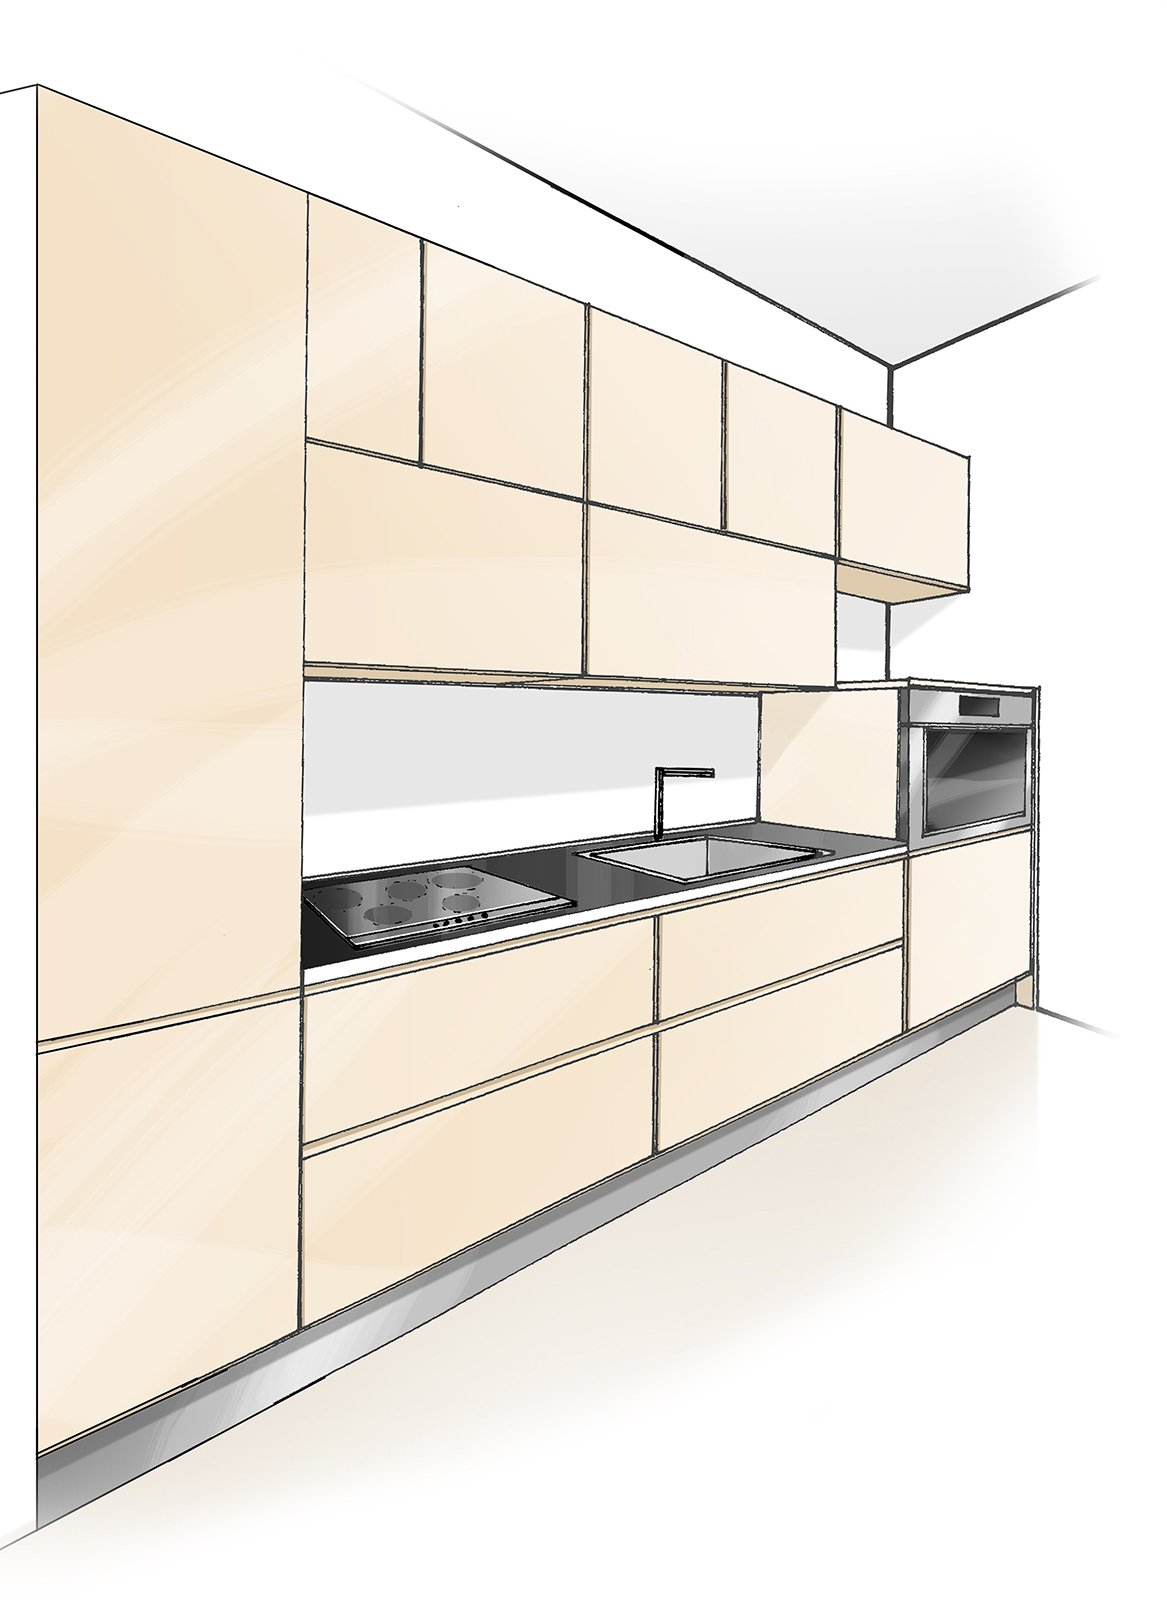 Focus: Vani Ad Ante O Cestoni E Chiusure Push Pull #956C36 1167 1600 Pensili Cucina IKEA